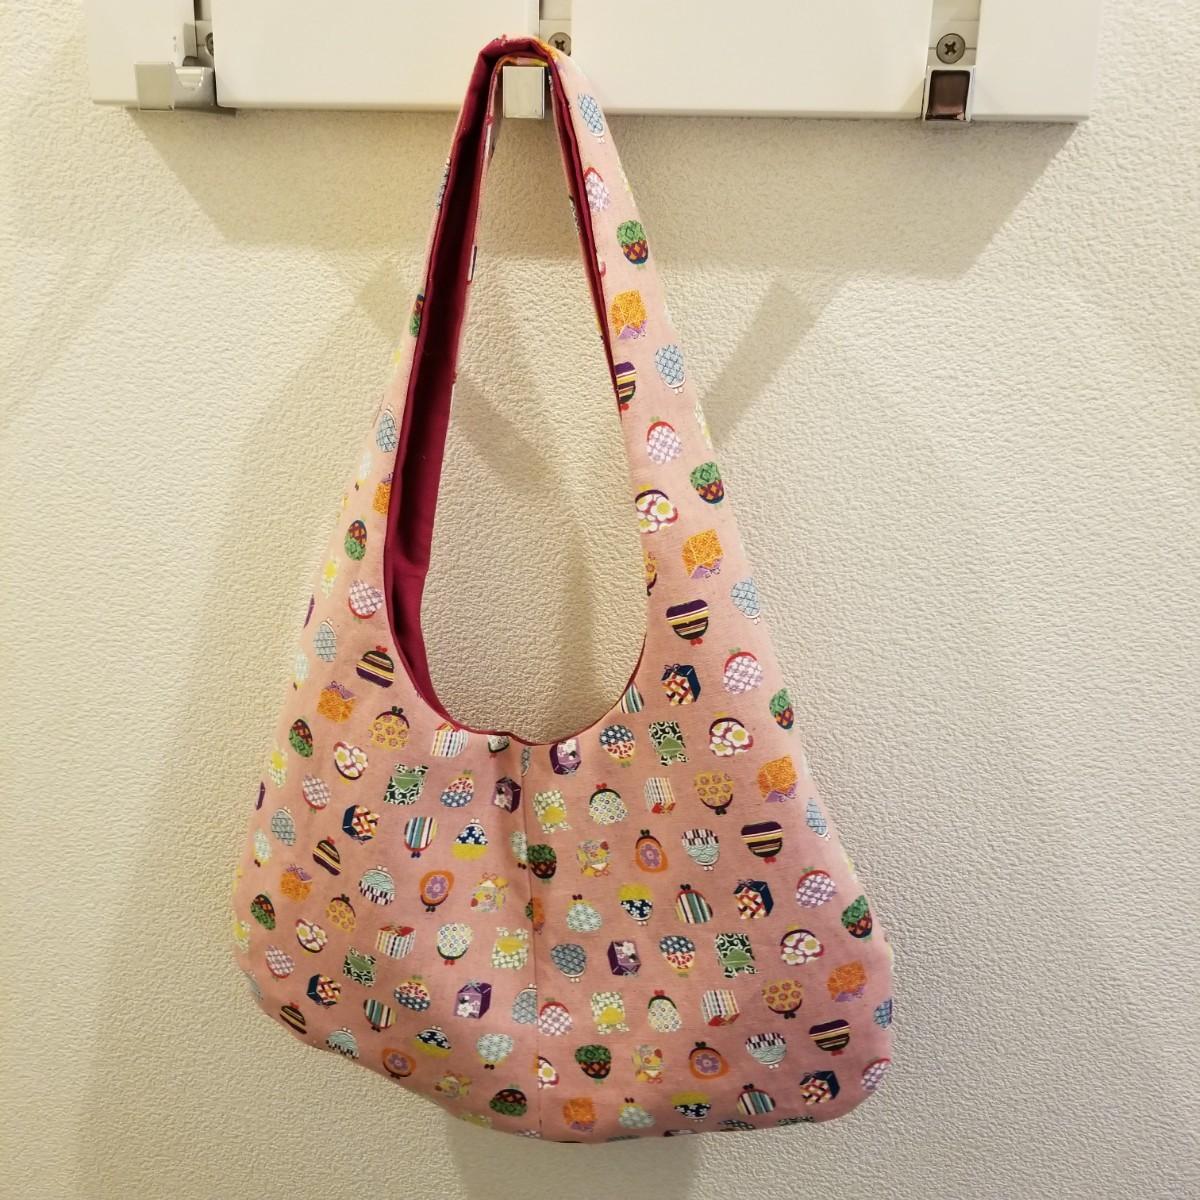 ハンドメイドのワンショルダーバッグ がま口柄 ちょっとしたお出掛けに小さなハンドバッグ ハンドバッグ